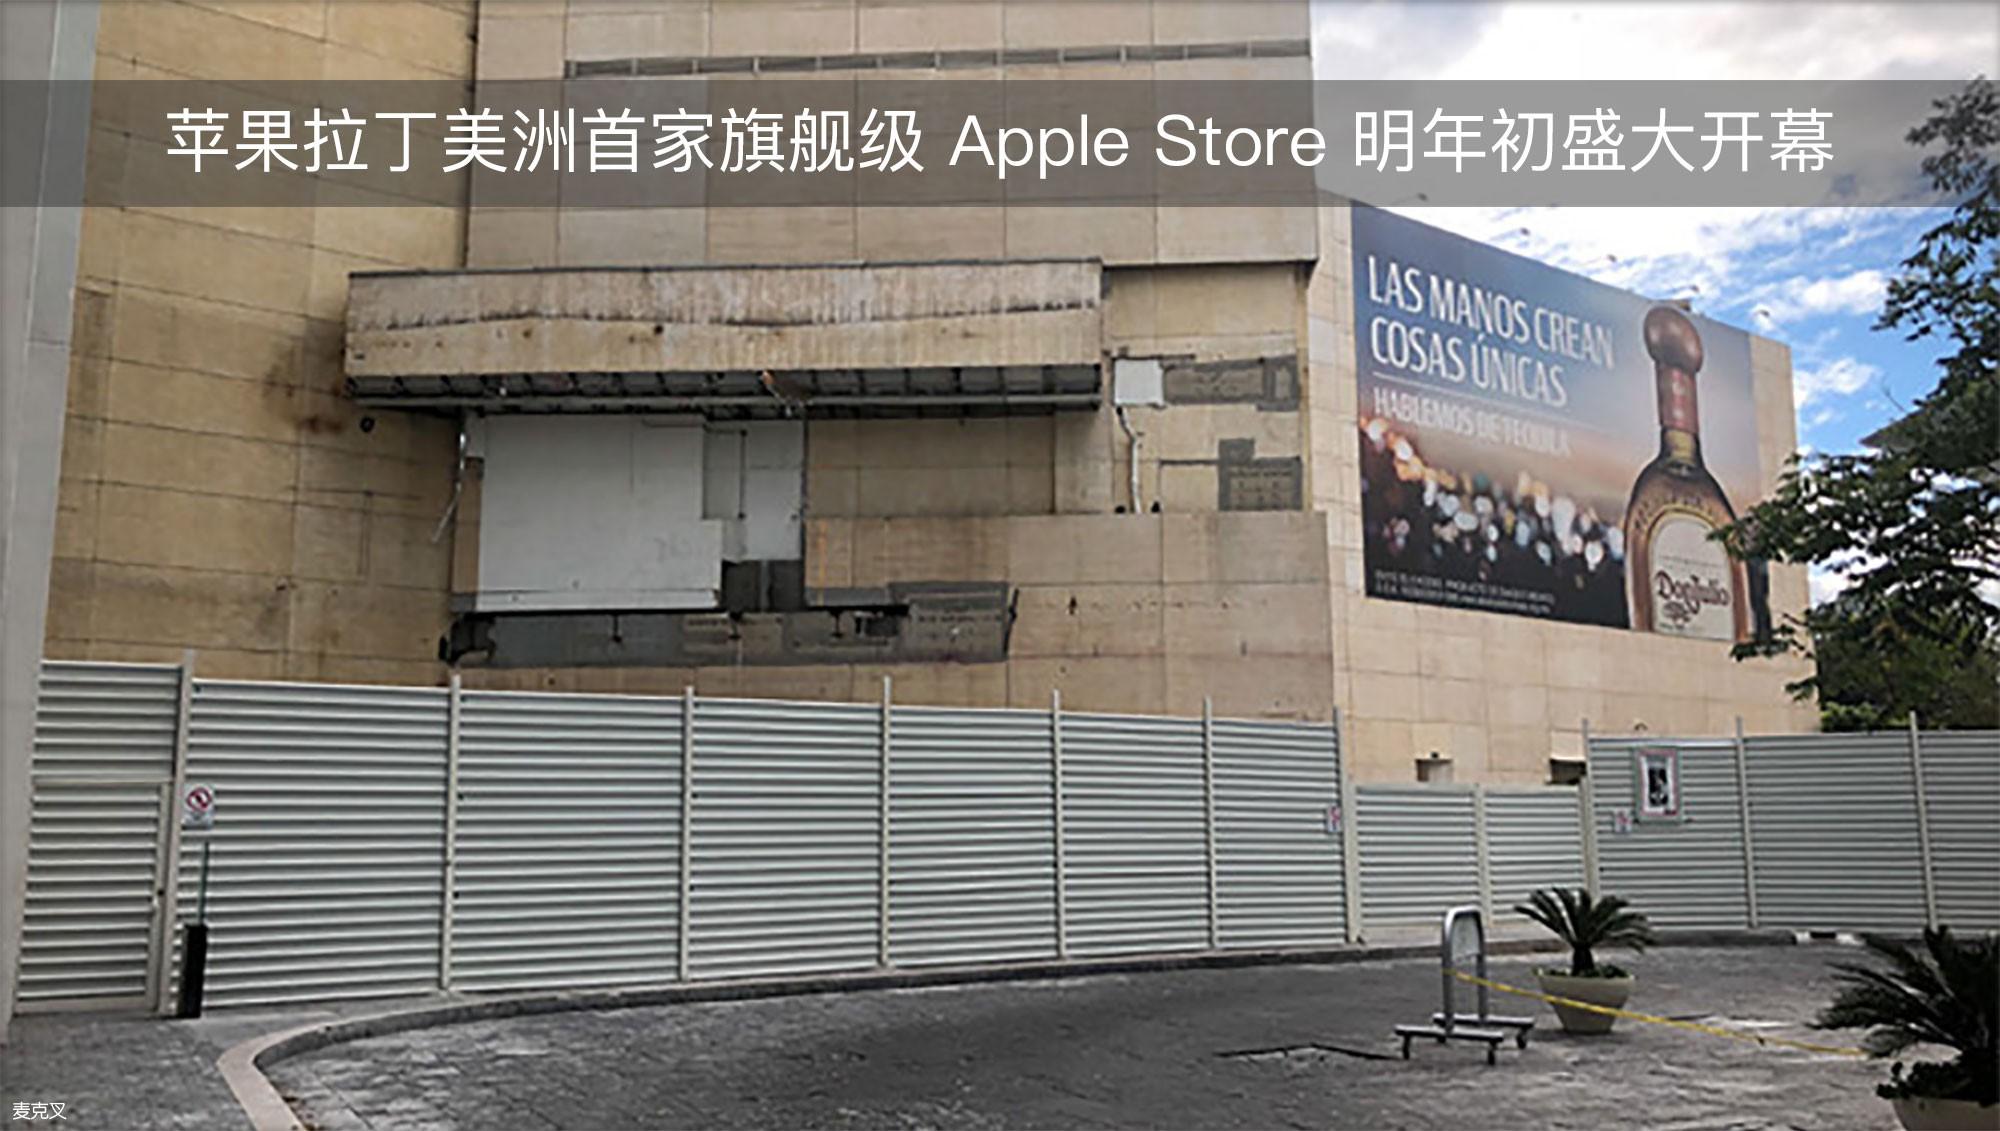 苹果拉丁美洲首家旗舰级 Apple Store 明年初盛大开幕